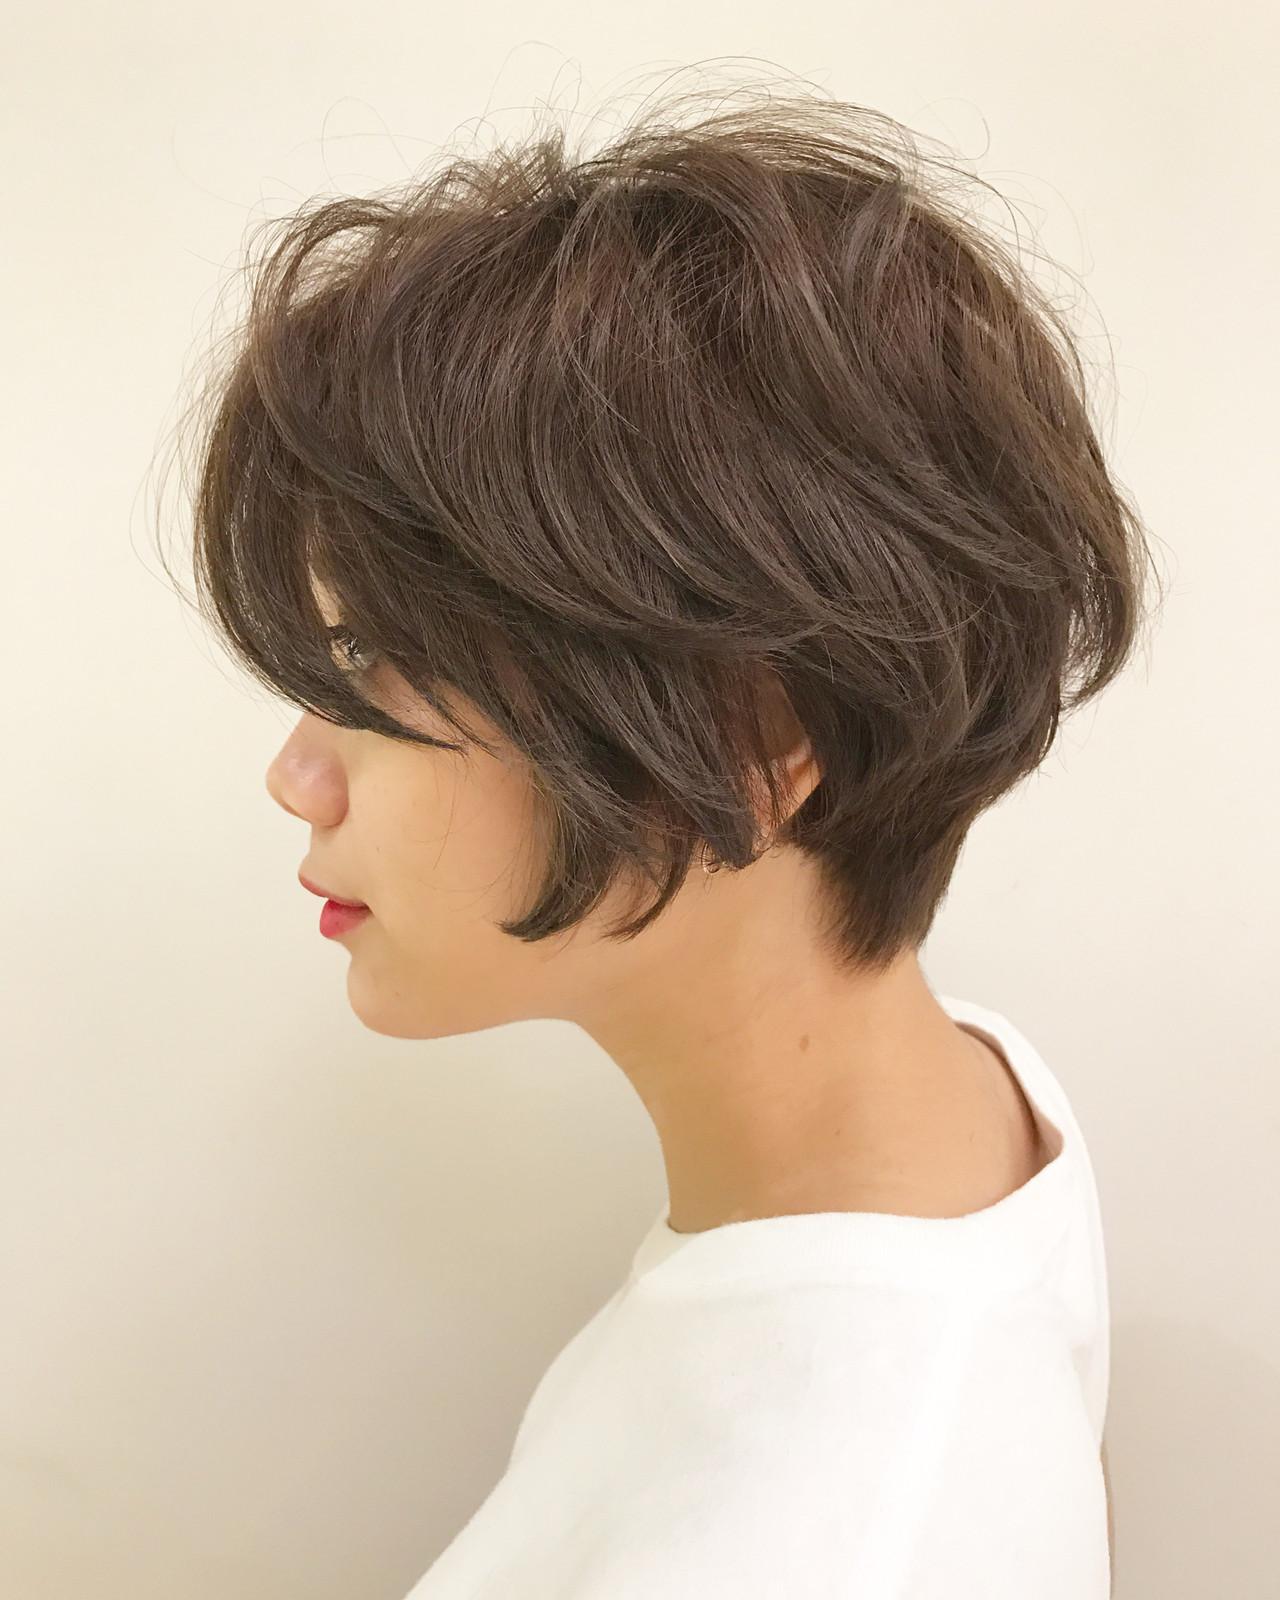 簡単ヘアアレンジ ナチュラル スポーツ 前下がり ヘアスタイルや髪型の写真・画像 | ショートヘア美容師 #ナカイヒロキ / 『send by HAIR』